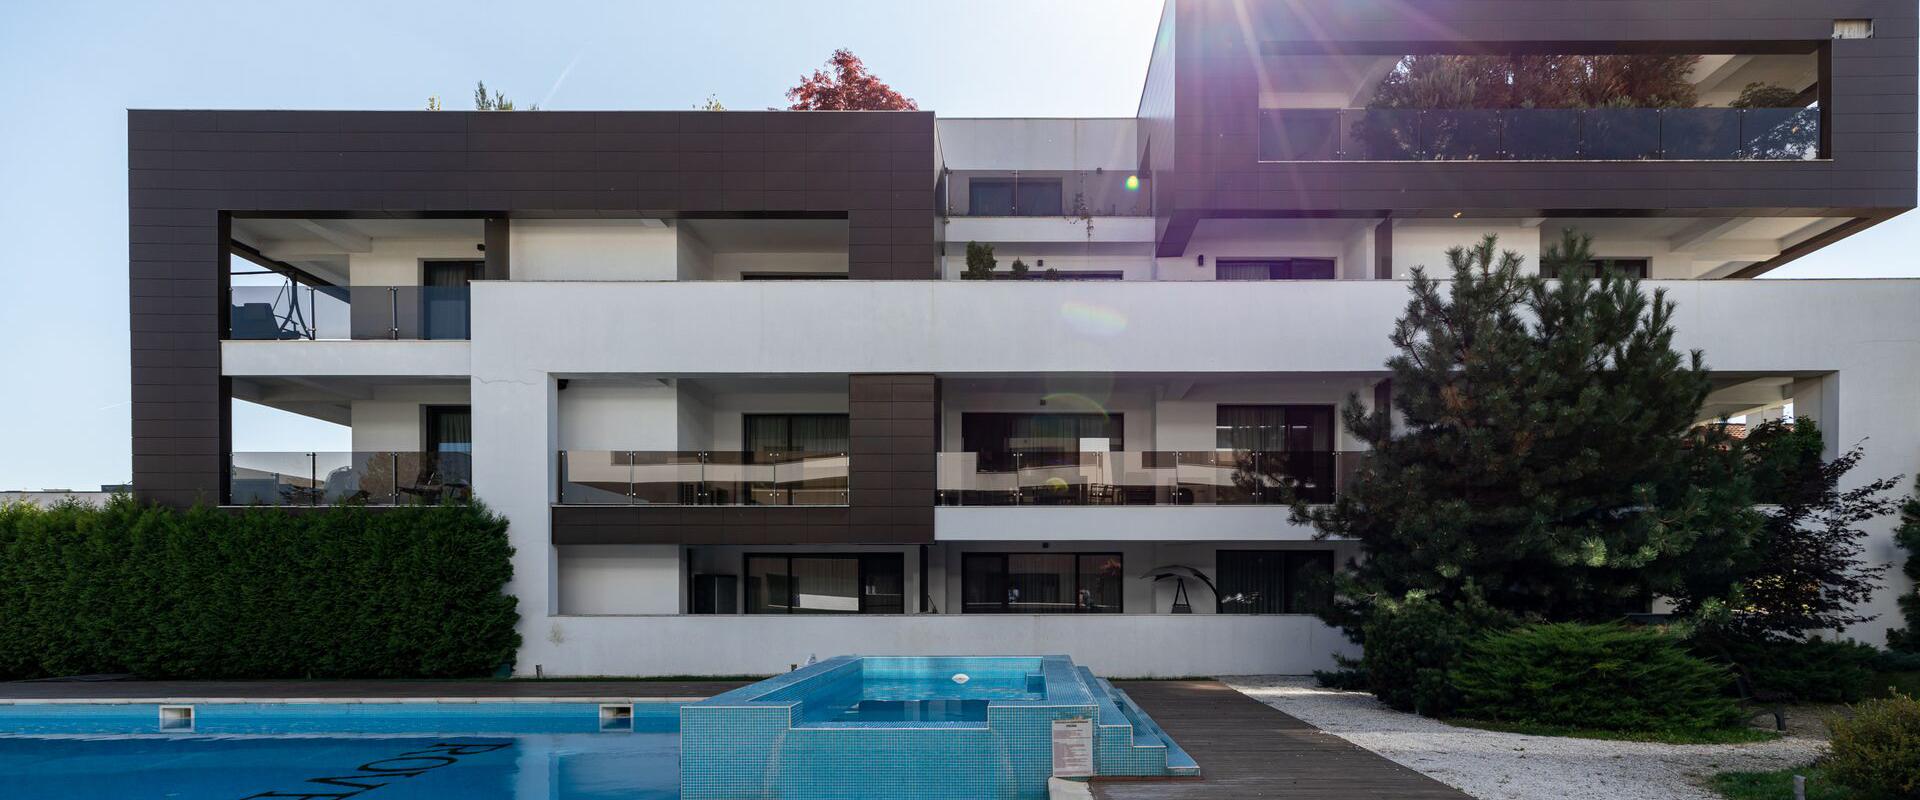 Vanzare apartament 2 camere Rovere. Exclusive concept. Iancu Nicolae - Pipera [ID: CP833194]